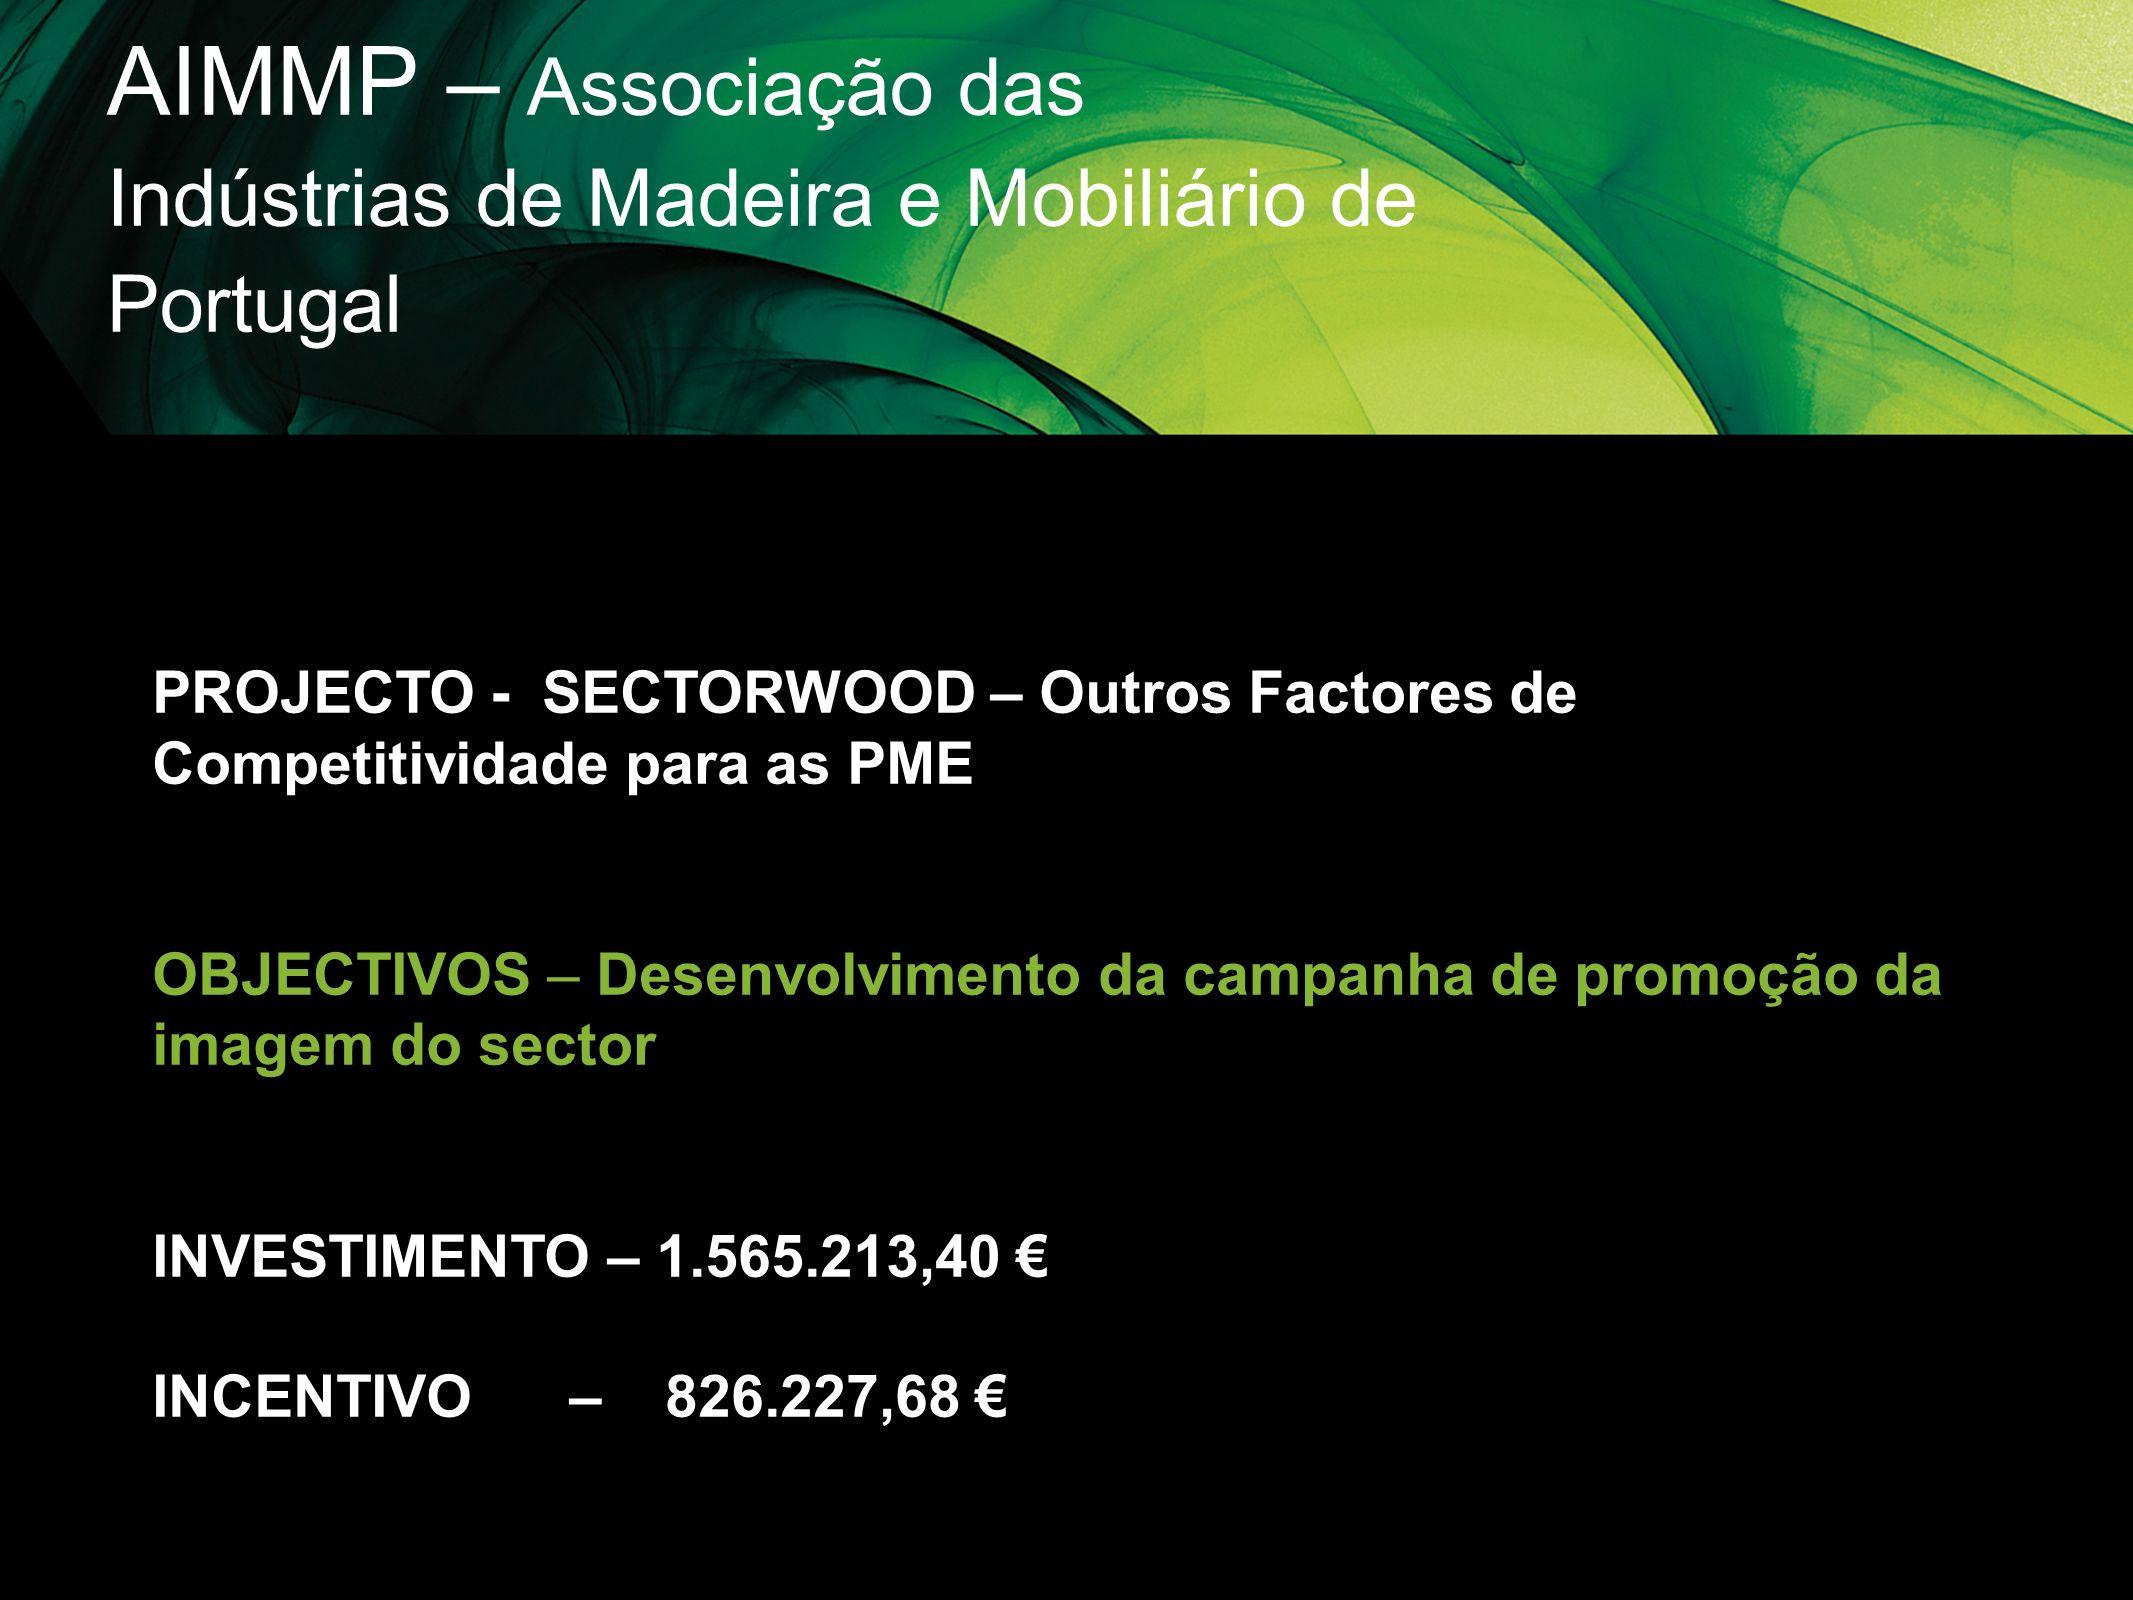 AIMMP – Associação das Indústrias de Madeira e Mobiliário de Portugal PROJECTO - SECTORWOOD – Outros Factores de Competitividade para as PME OBJECTIVO